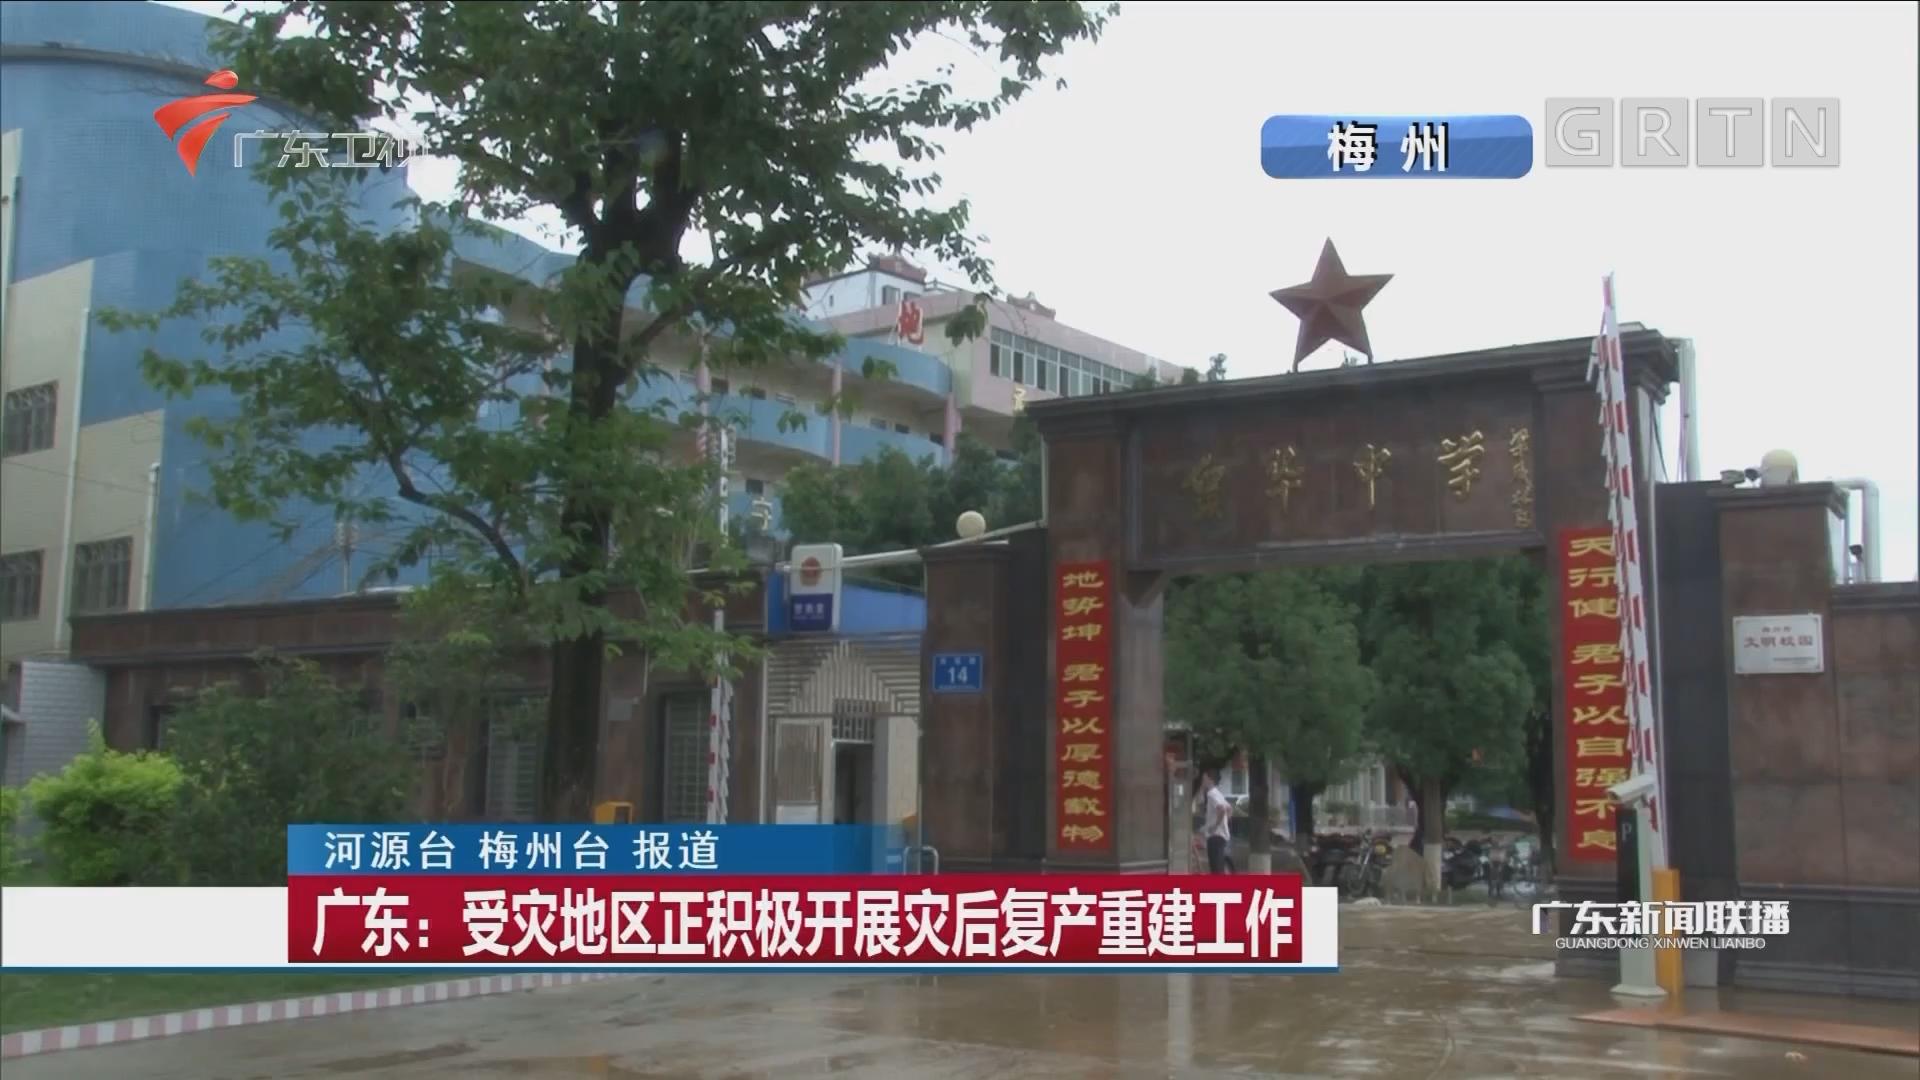 广东:受灾地区正积极开展灾后复产重建工作